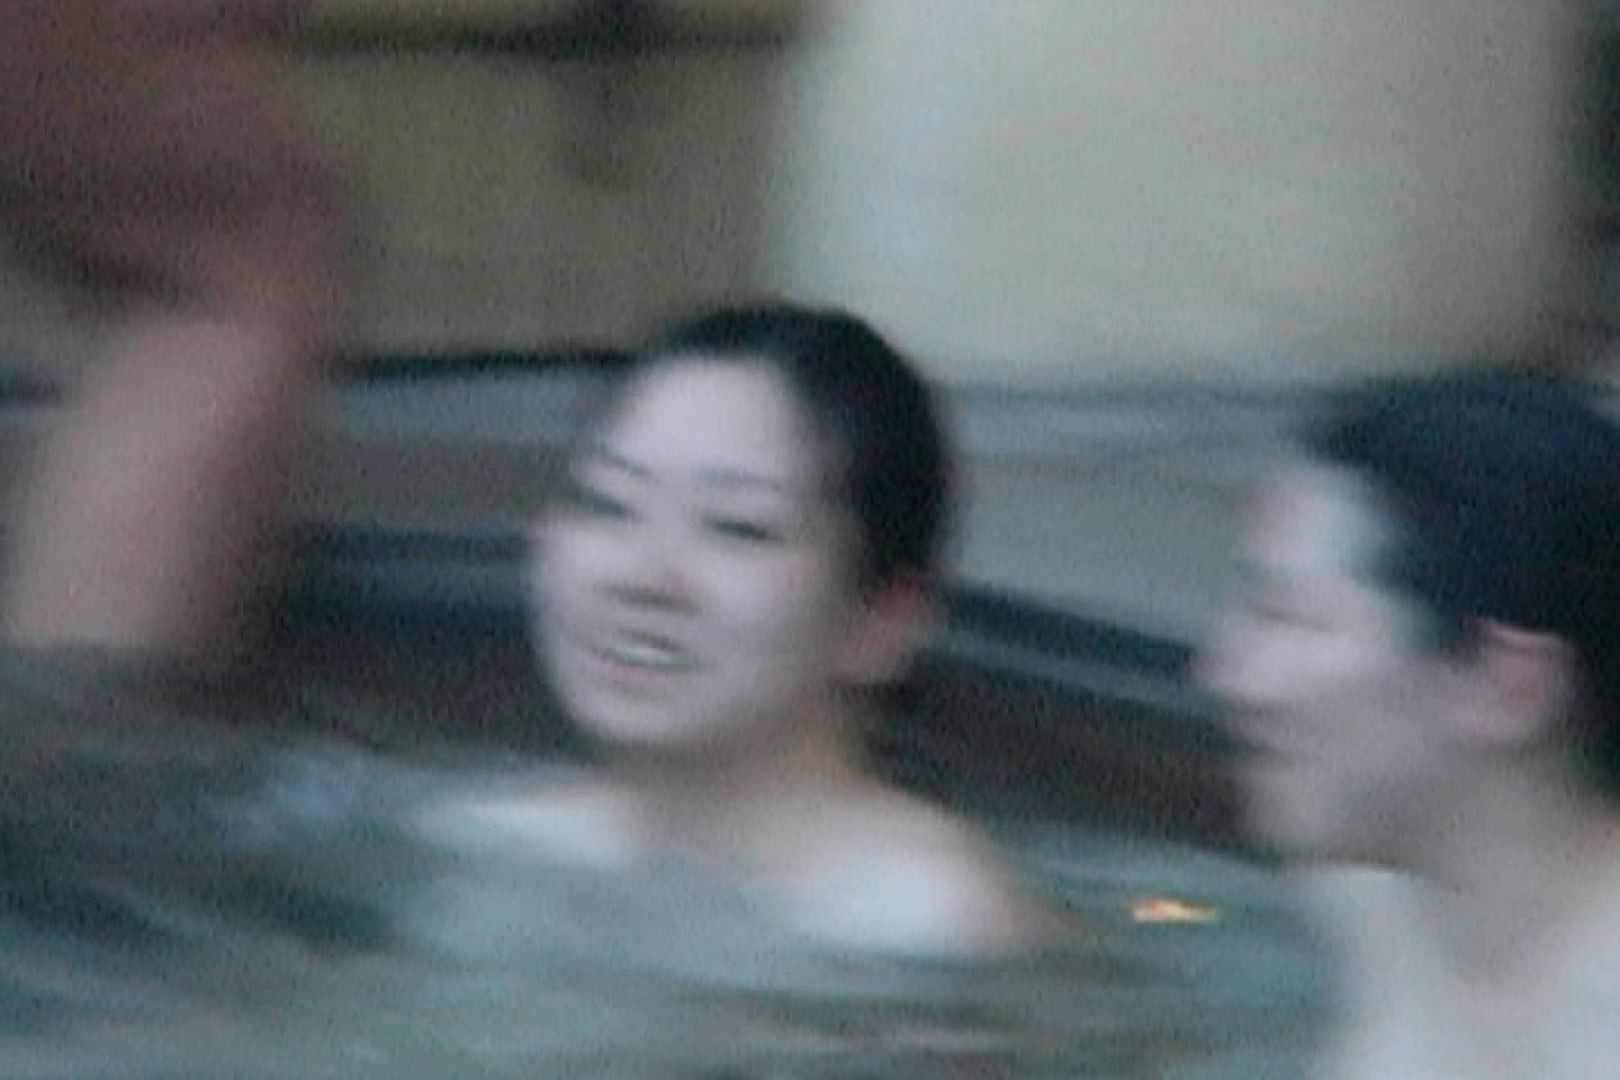 Aquaな露天風呂Vol.598 盗撮シリーズ  96PIX 42